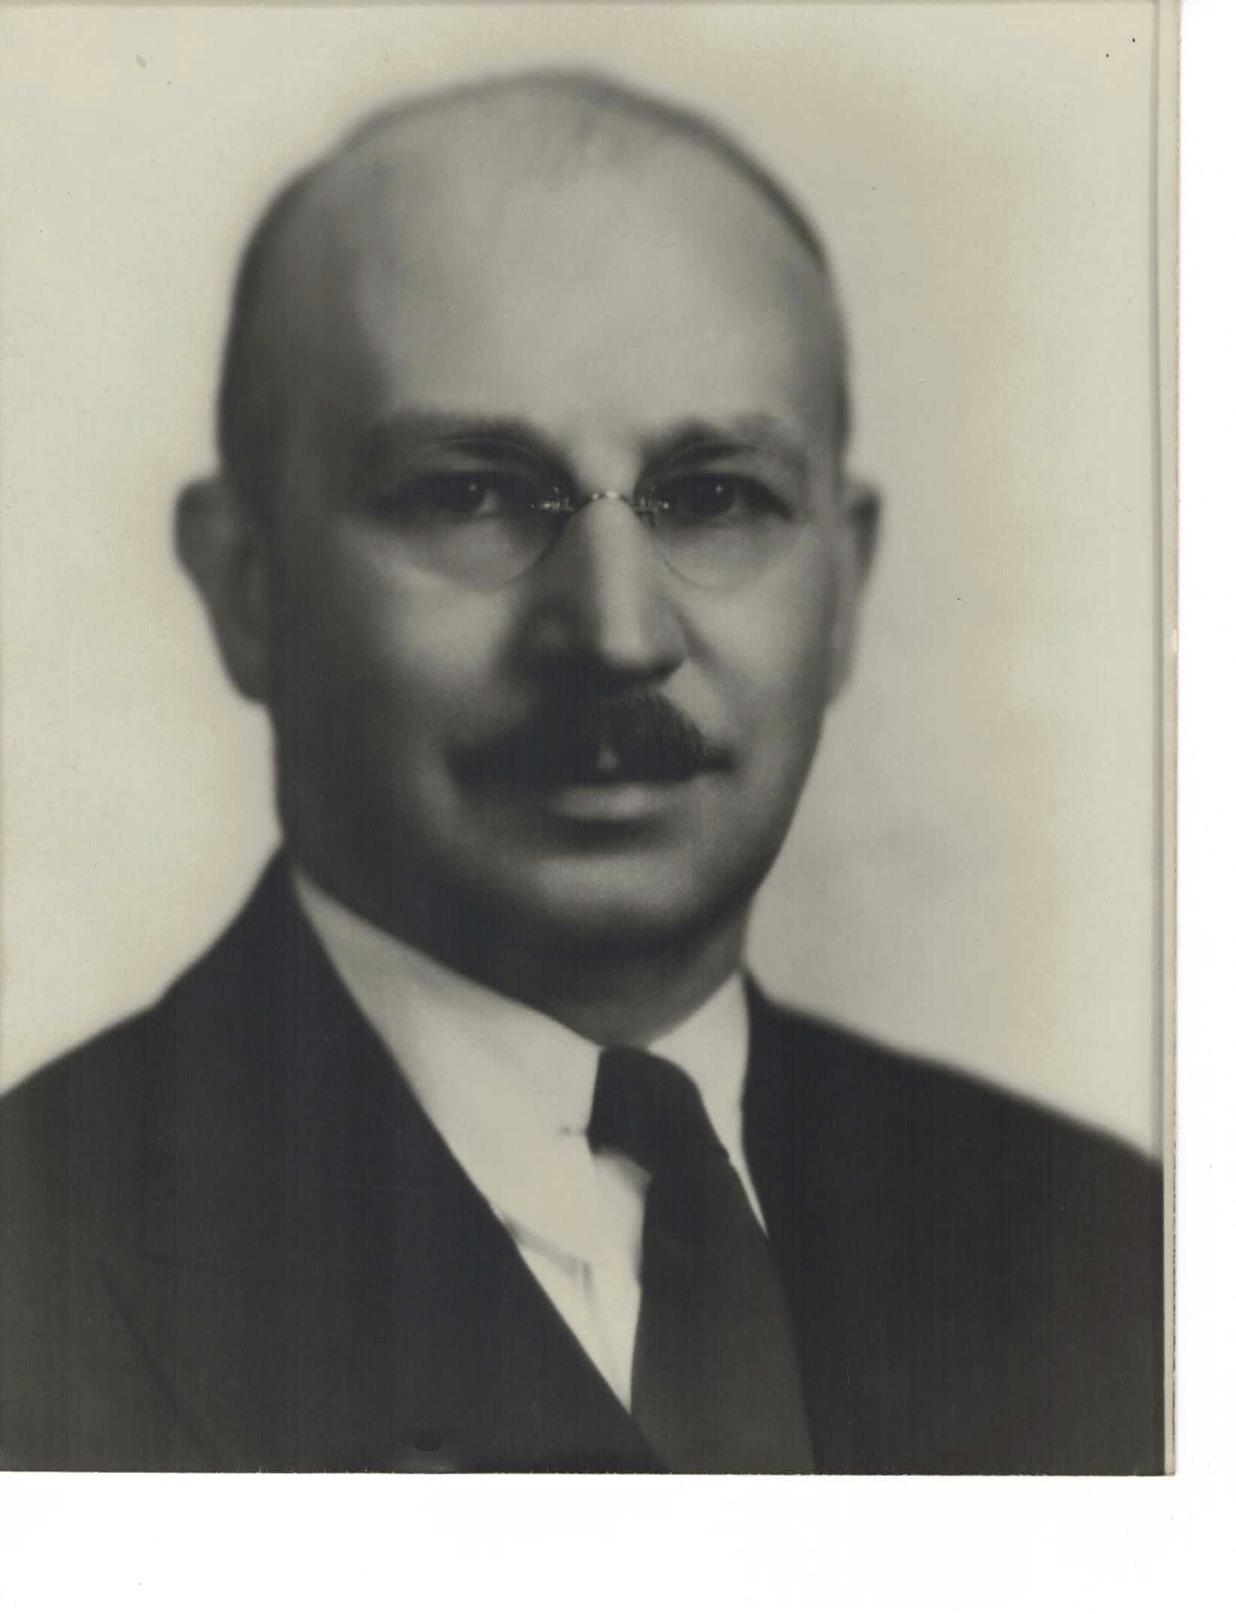 RALPH HAWLEY 1932-33